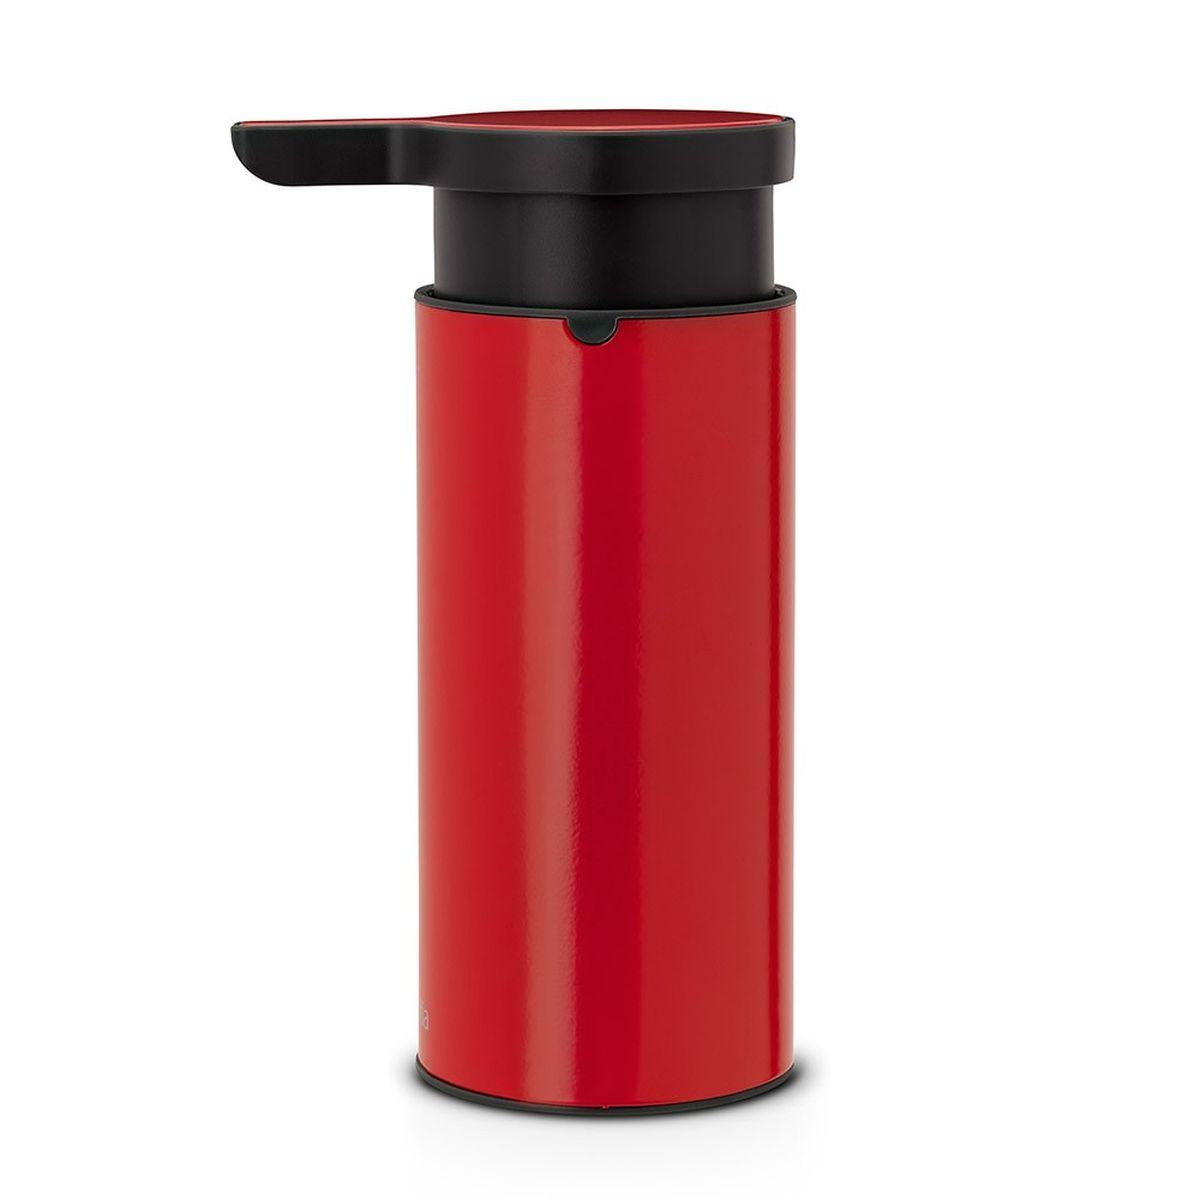 Диспенсер для жидкого мыла Brabantia, цвет: красныйUP210DFСтильный аксессуар из коррозионно-стойких материалов по достоинству оценят те, кого заботят вопросы гигиены, и те, для кого важны индивидуальность стиля и красивый дизайн. Красота и функциональность в одном флаконе! И высочайшее качество сверху донизу. Идеальное решение для помещений с повышенной влажностью; Удобное наполнение сверху – широкое отверстие для заправки; Может использоваться для шампуней, лосьонов и т.п.; Перед заправкой дозатора заполните емкость горячей водой и проведите очистку насосного механизма, несколько раз прокачав дозатор; Легко разбирается для проведения тщательной очистки; Широкое основание с противоскользящими свойствами обеспечивает отличную устойчивость; 10 лет гарантии Brabantia.